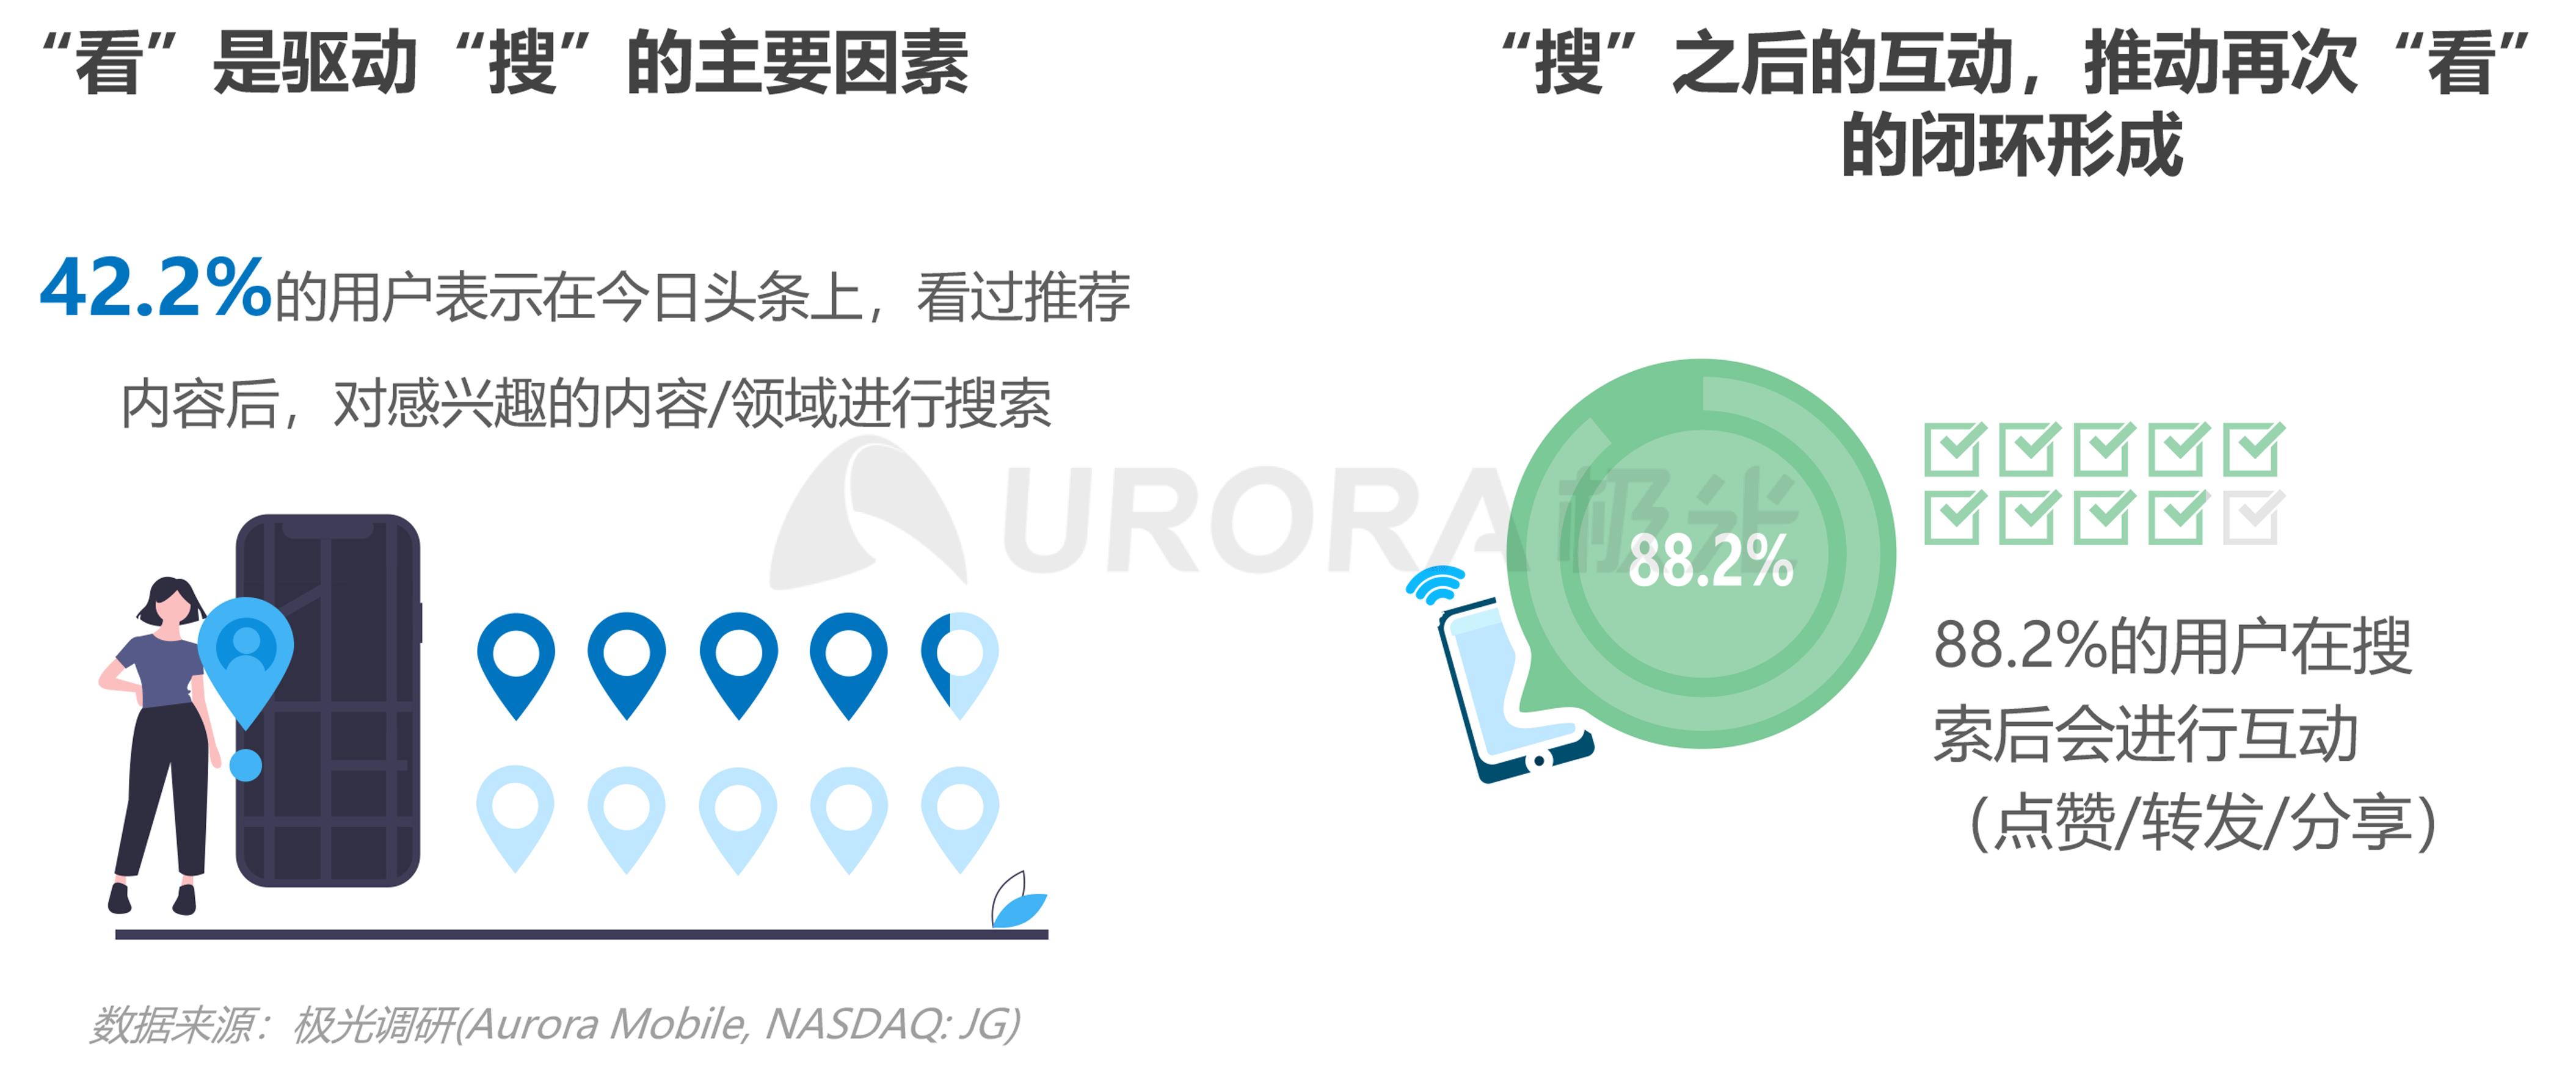 极光:内容生态搜索趋势报告png (35).png